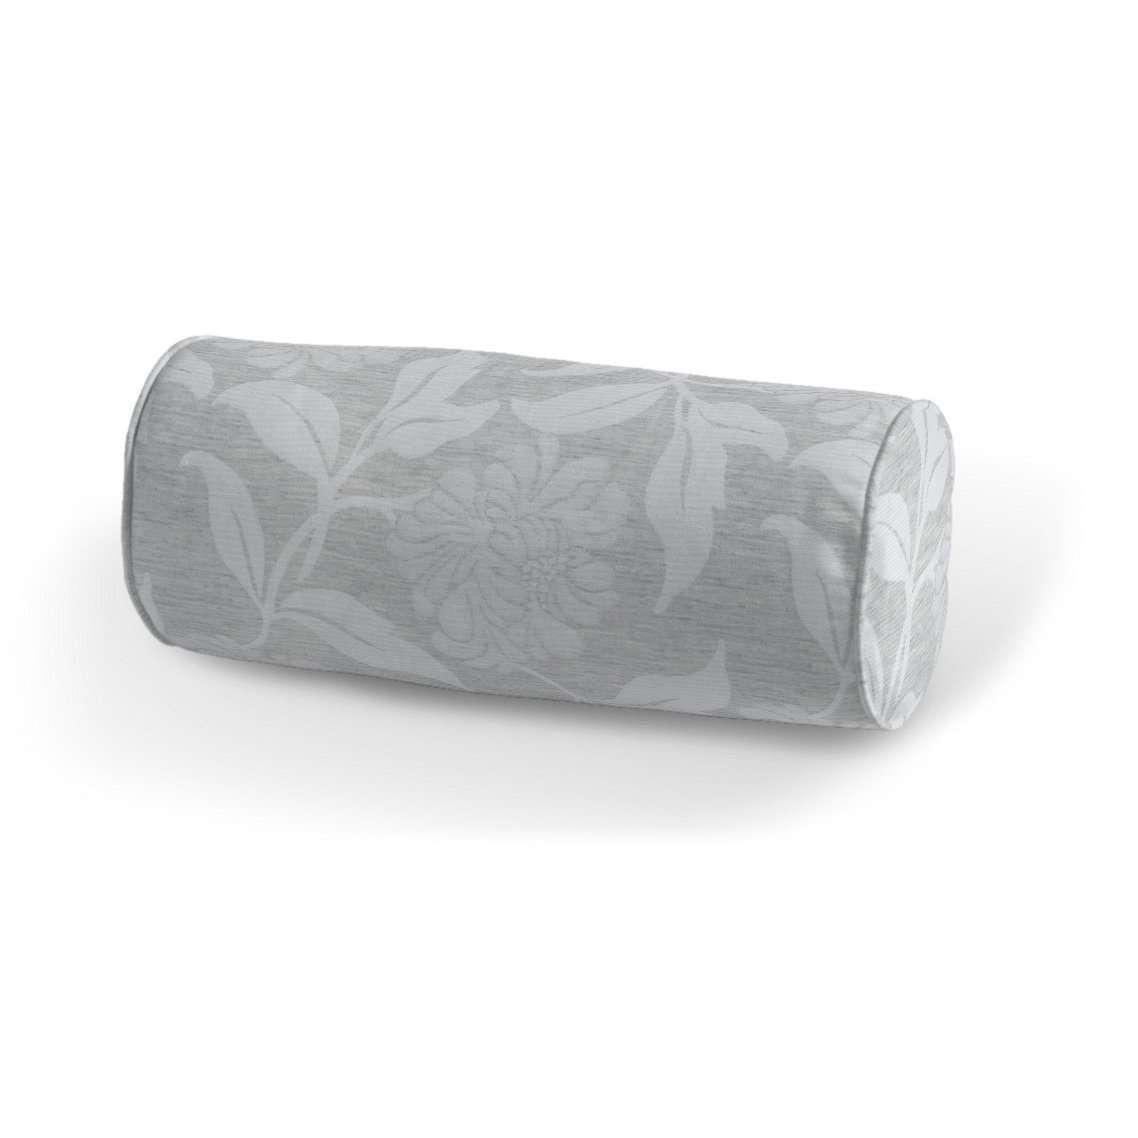 Ritinio formos  pagalvėlės užvalkalas Ø 16 x 40 cm (6 x 16 inch) kolekcijoje Venice, audinys: 140-51